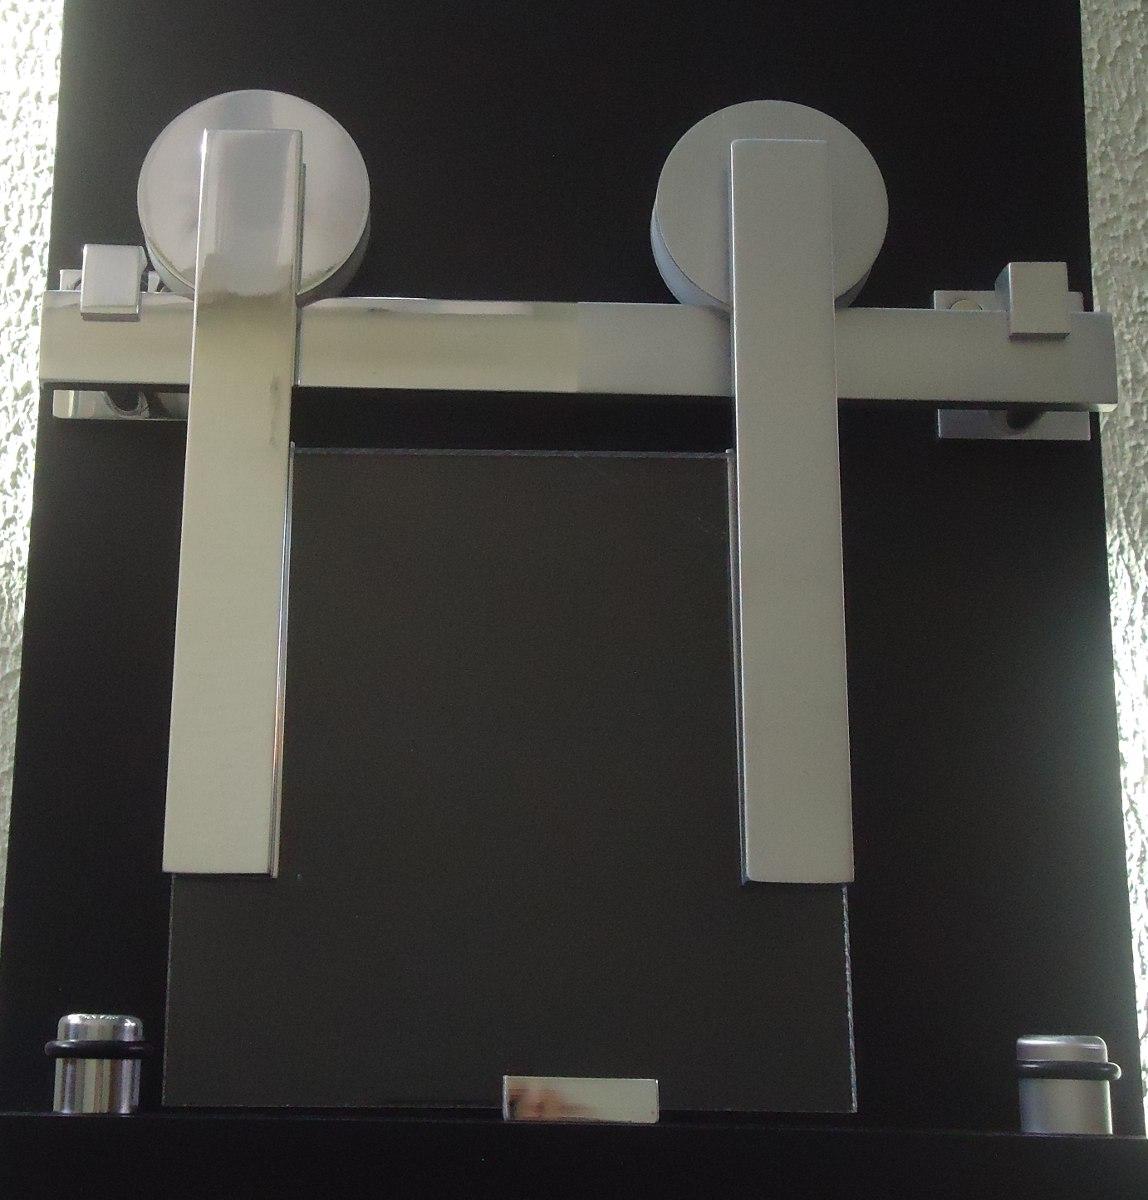 kit porta de correr roldana aparente para porta de vidro #5C4F47 1148x1200 Acessorios Banheiro Leroy